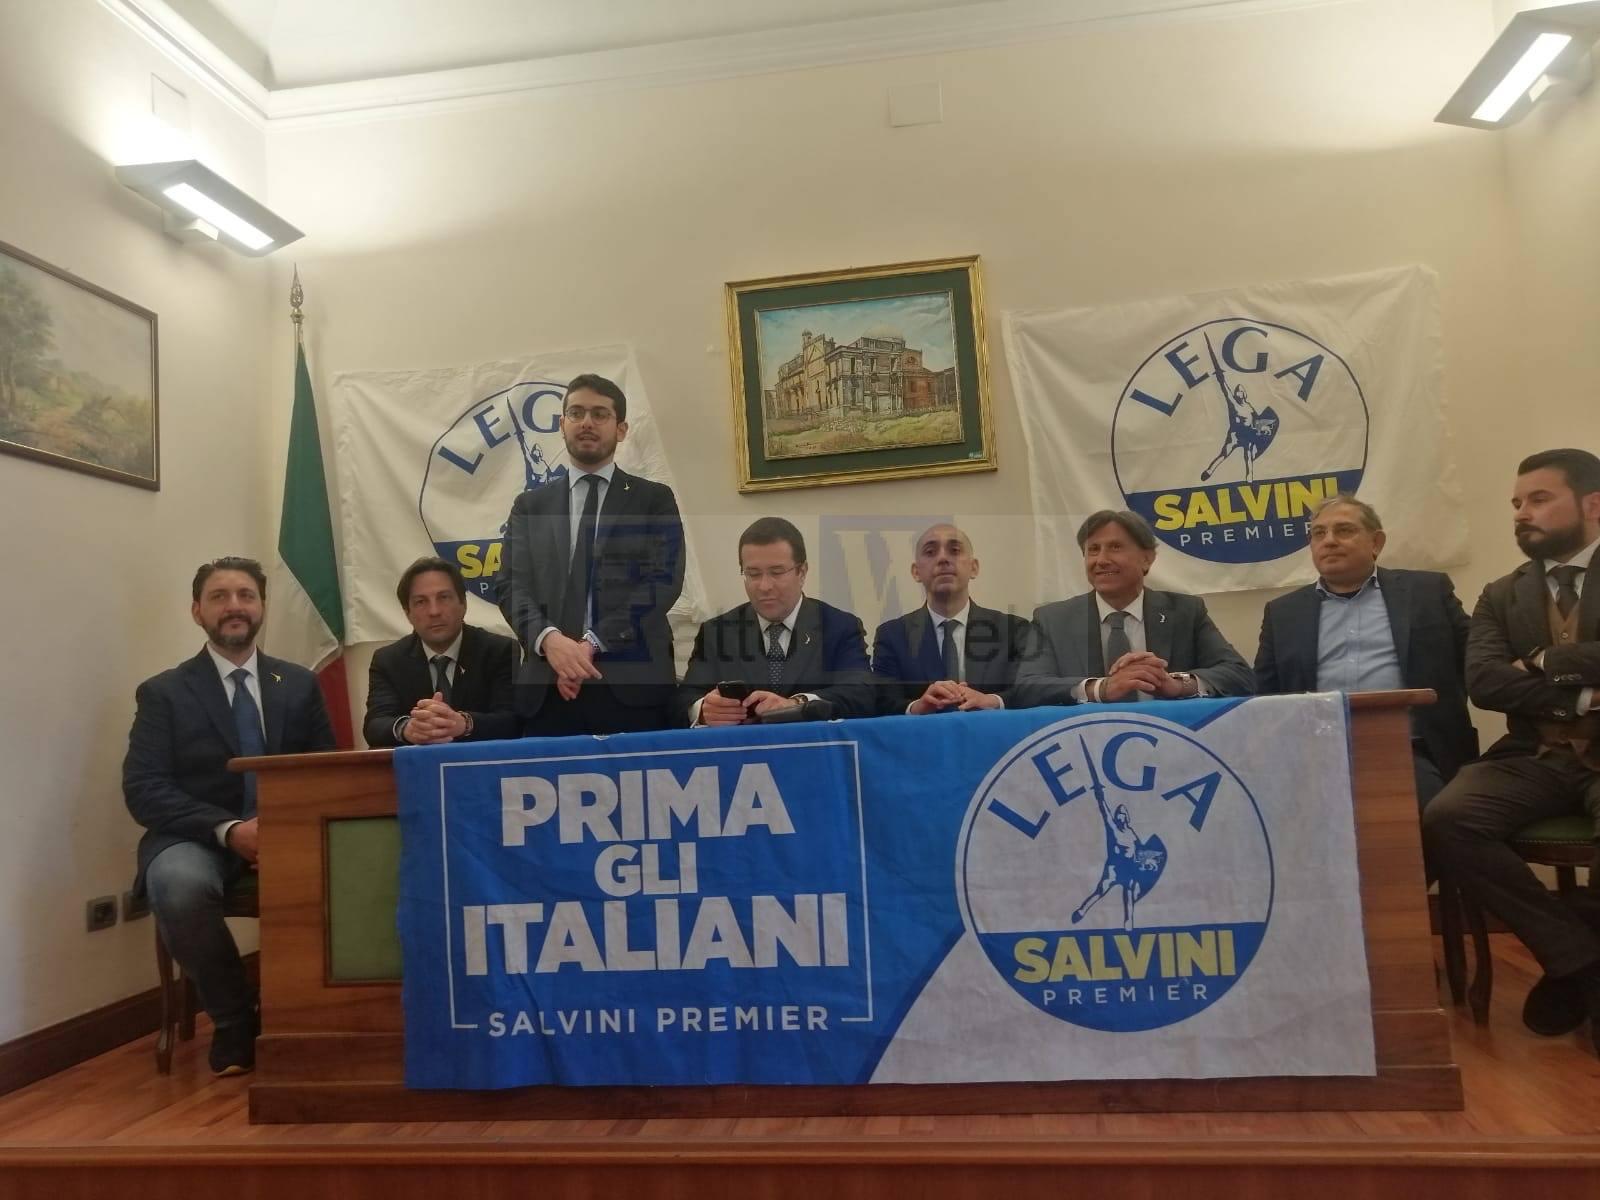 LA LEGA DI MATTEO SALVINI ACCOGLIE IL CONSIGLIERE COMUNALE DI CATANIA ALESSANDRO MESSINA